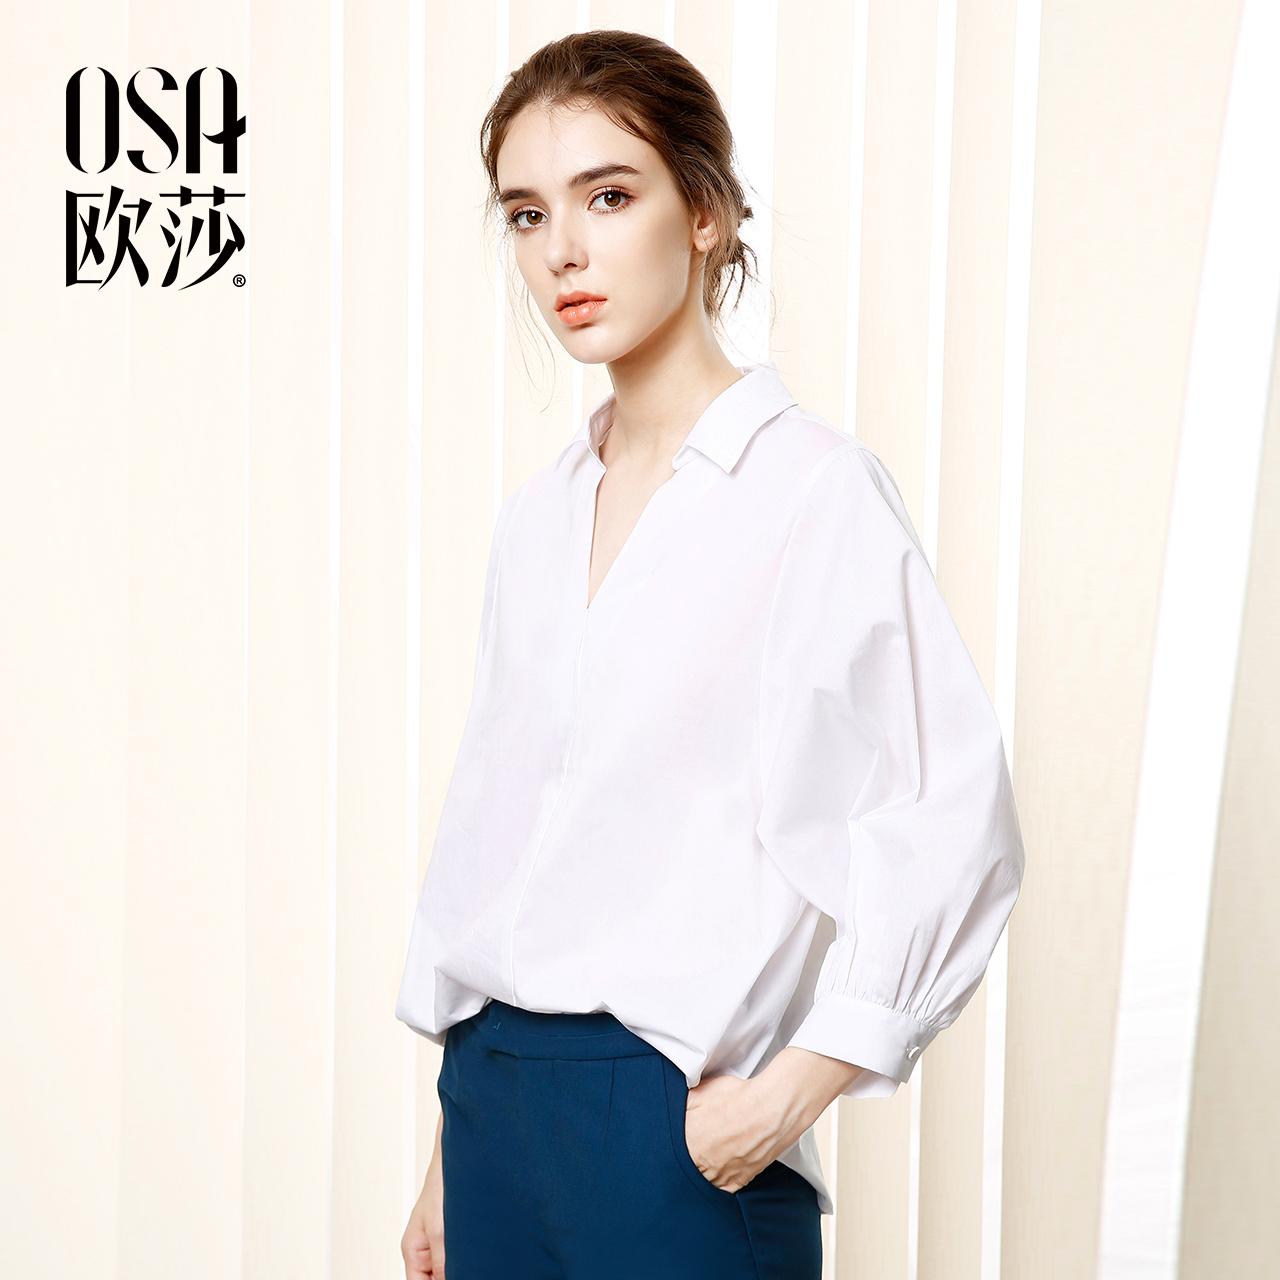 женская рубашка OSA s117c12008 2017